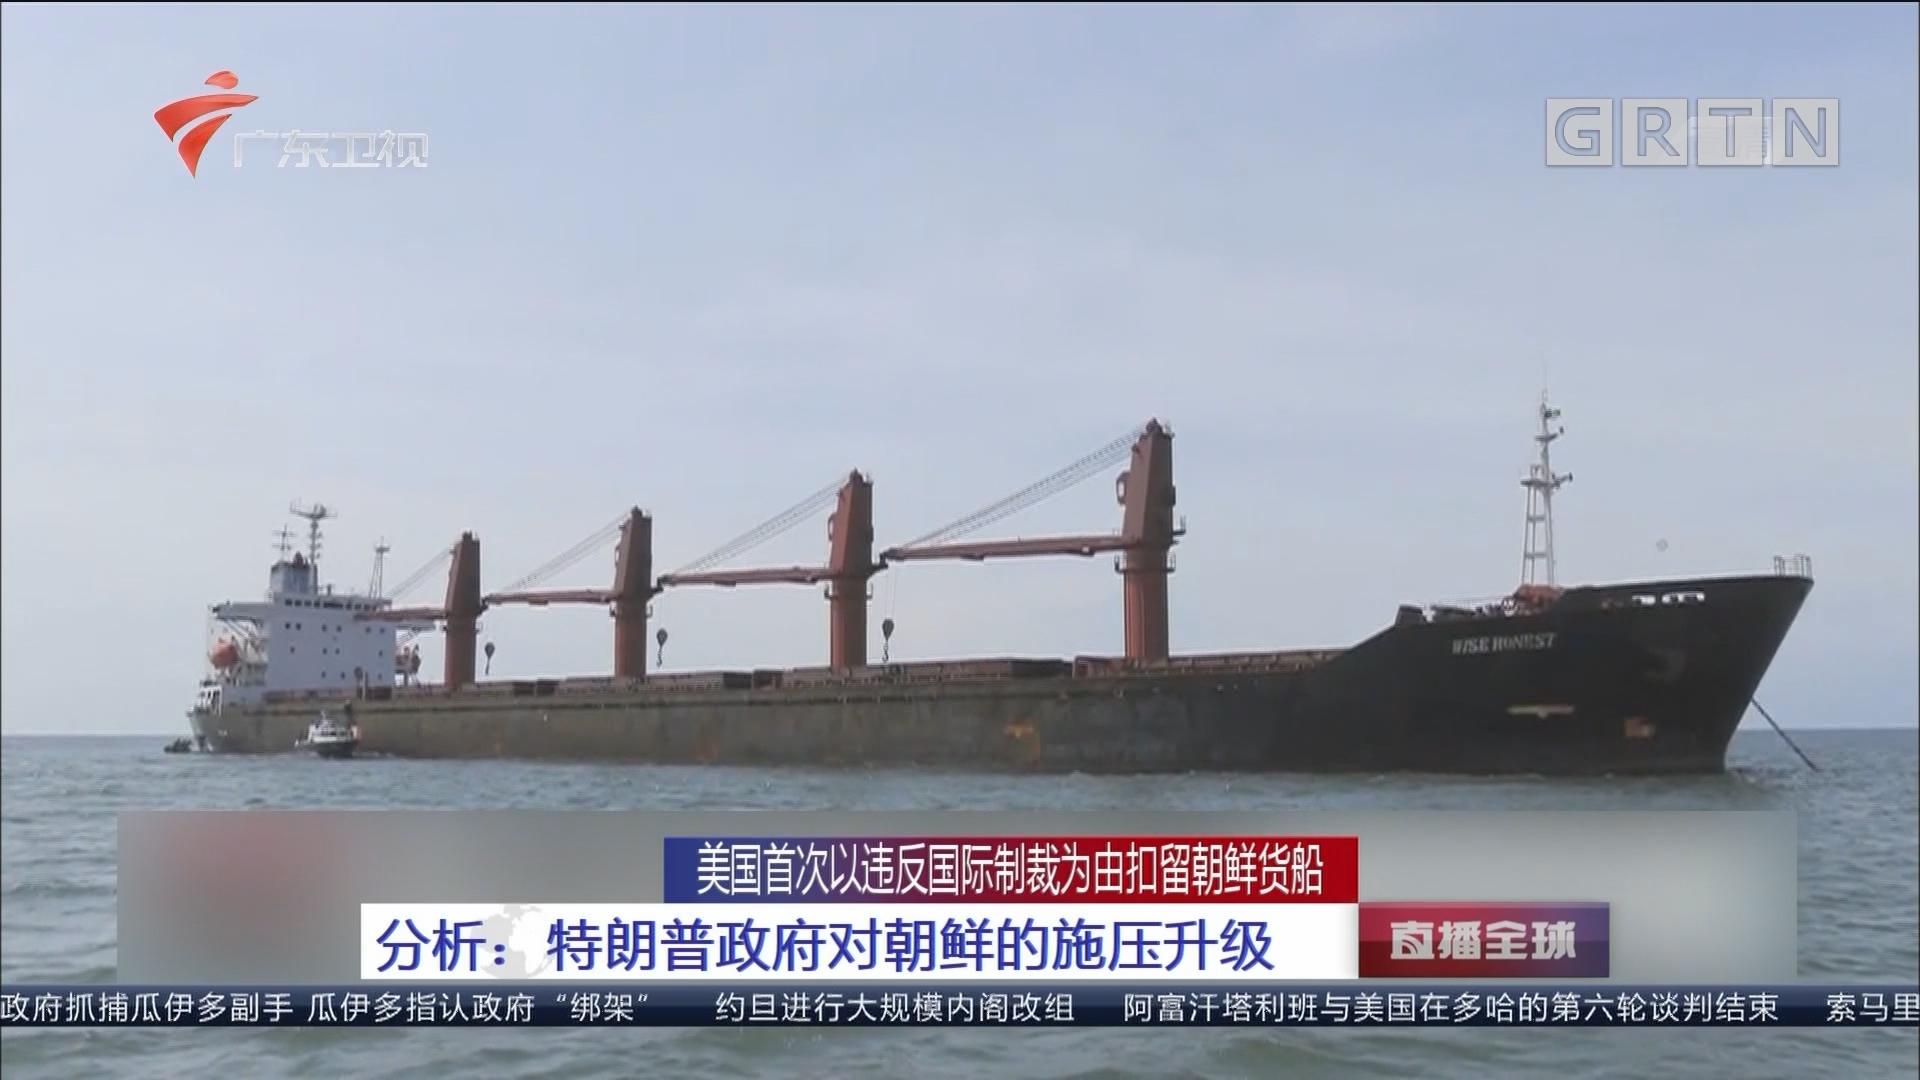 美国首次以违反国际制裁为由扣留朝鲜货船 分析:特朗普政府对朝鲜的施压升级